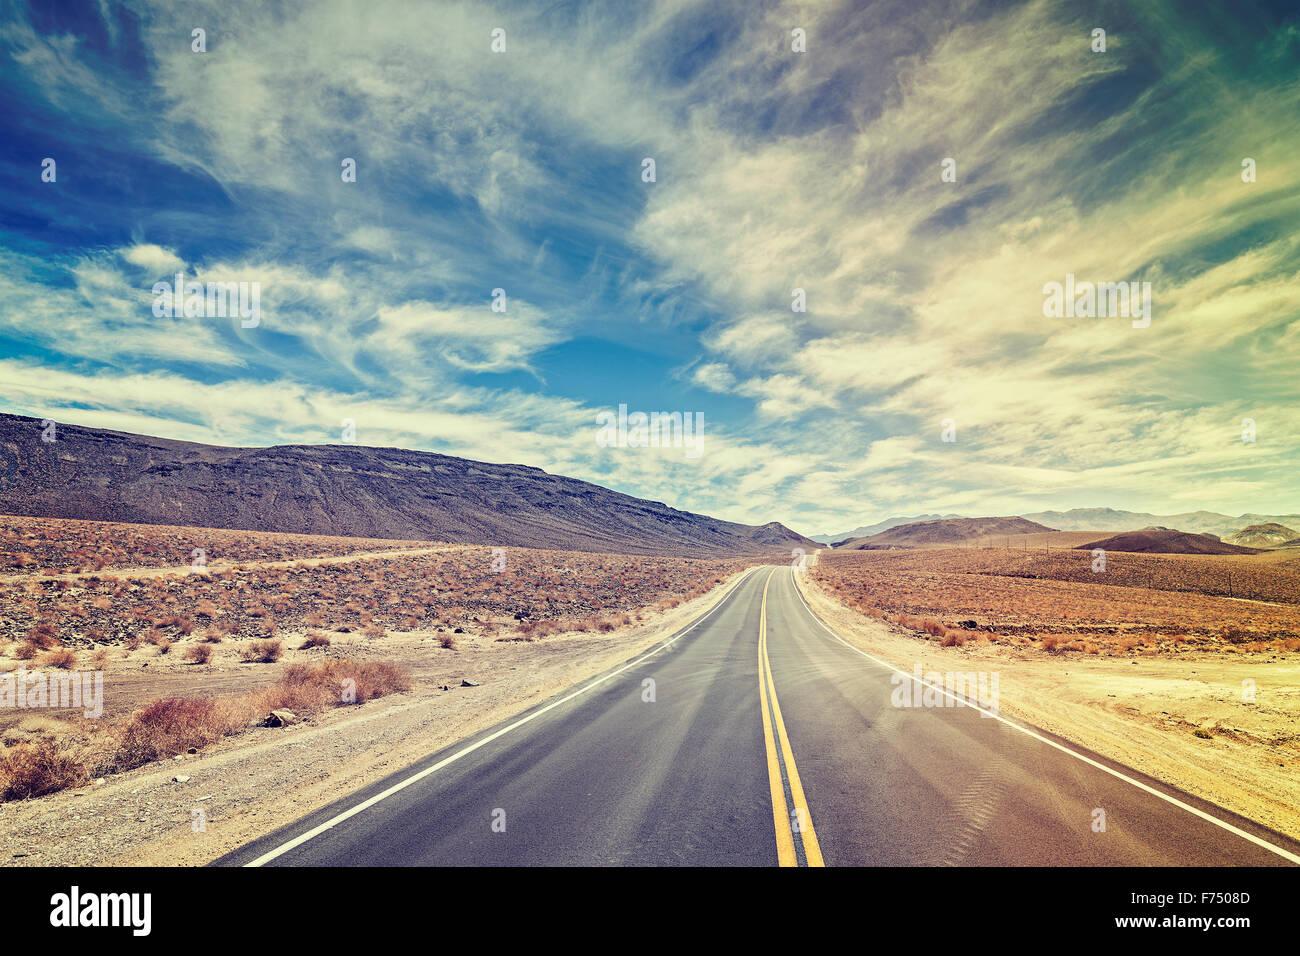 Vintage stilizzata paese senza fine autostrada nella Death Valley, California, Stati Uniti d'America. Immagini Stock